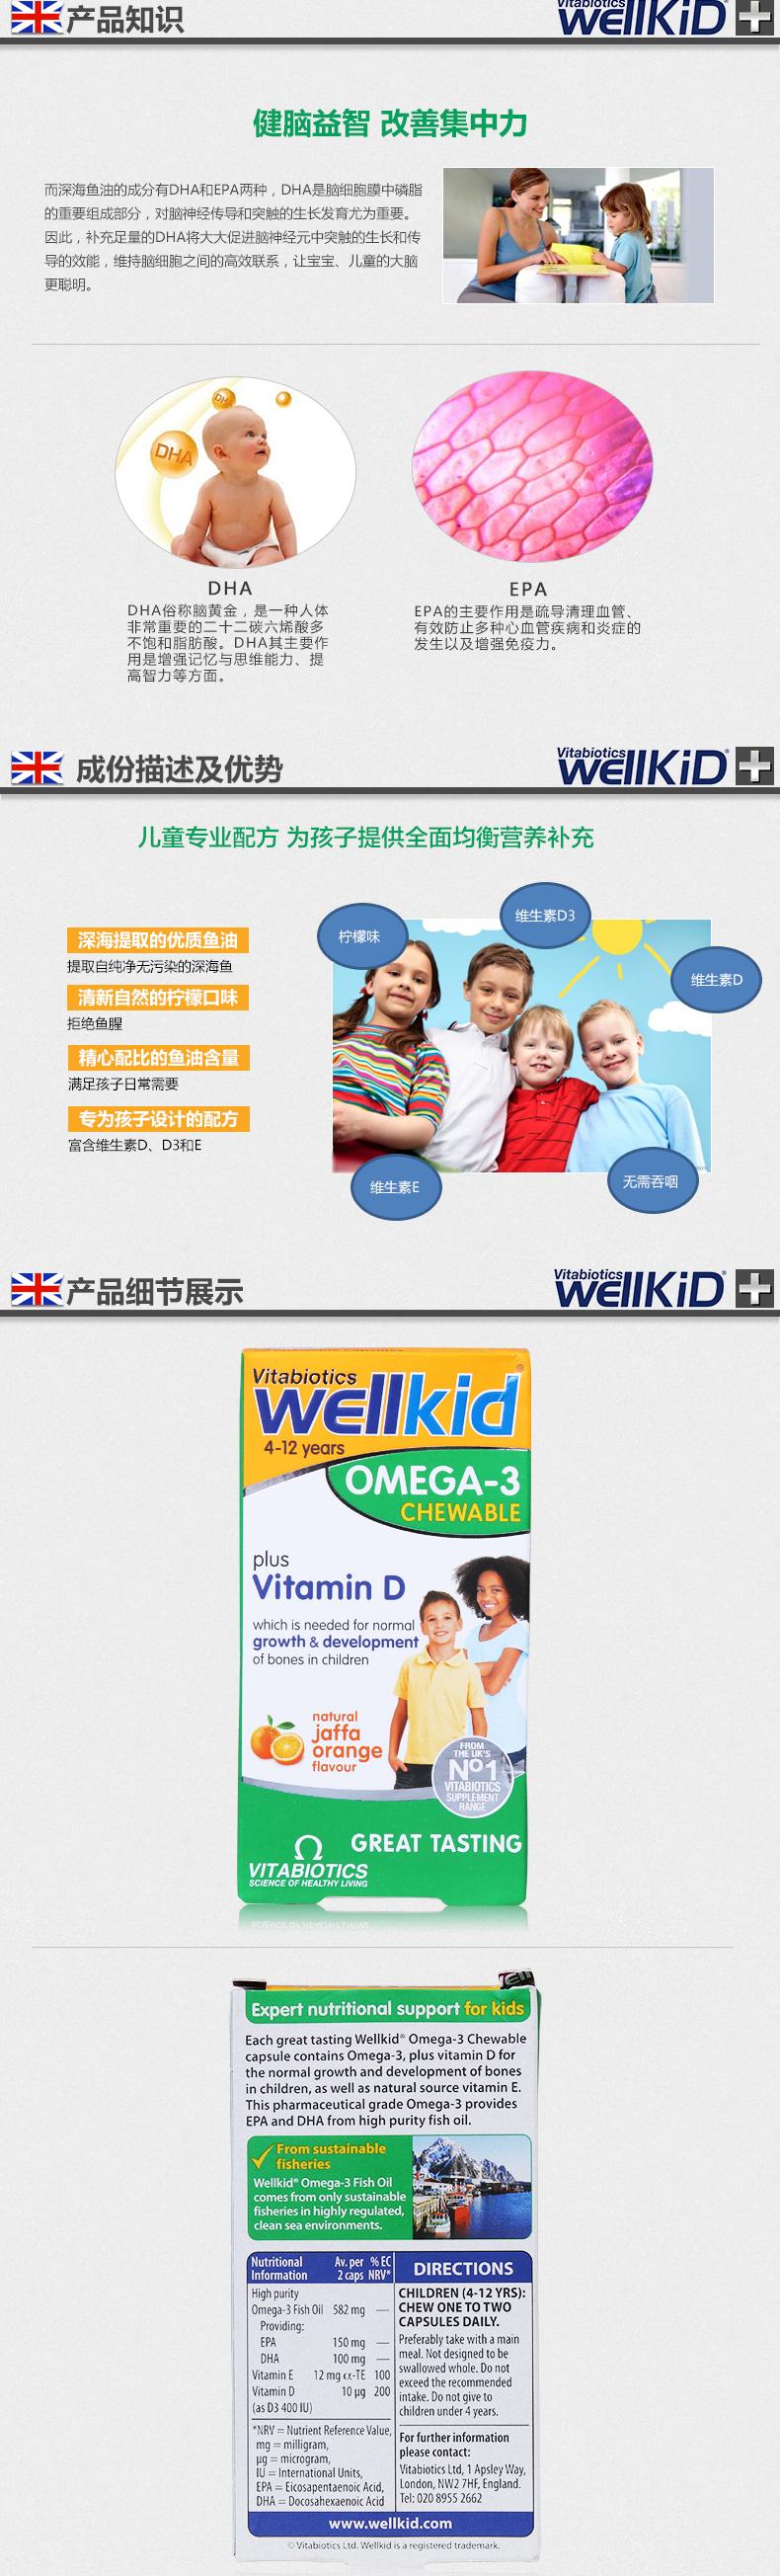 英国薇塔贝尔 wellkids儿童深海鱼油软胶囊咀嚼粒儿童DHA60粒*2 ¥136.00 产品系列 第4张